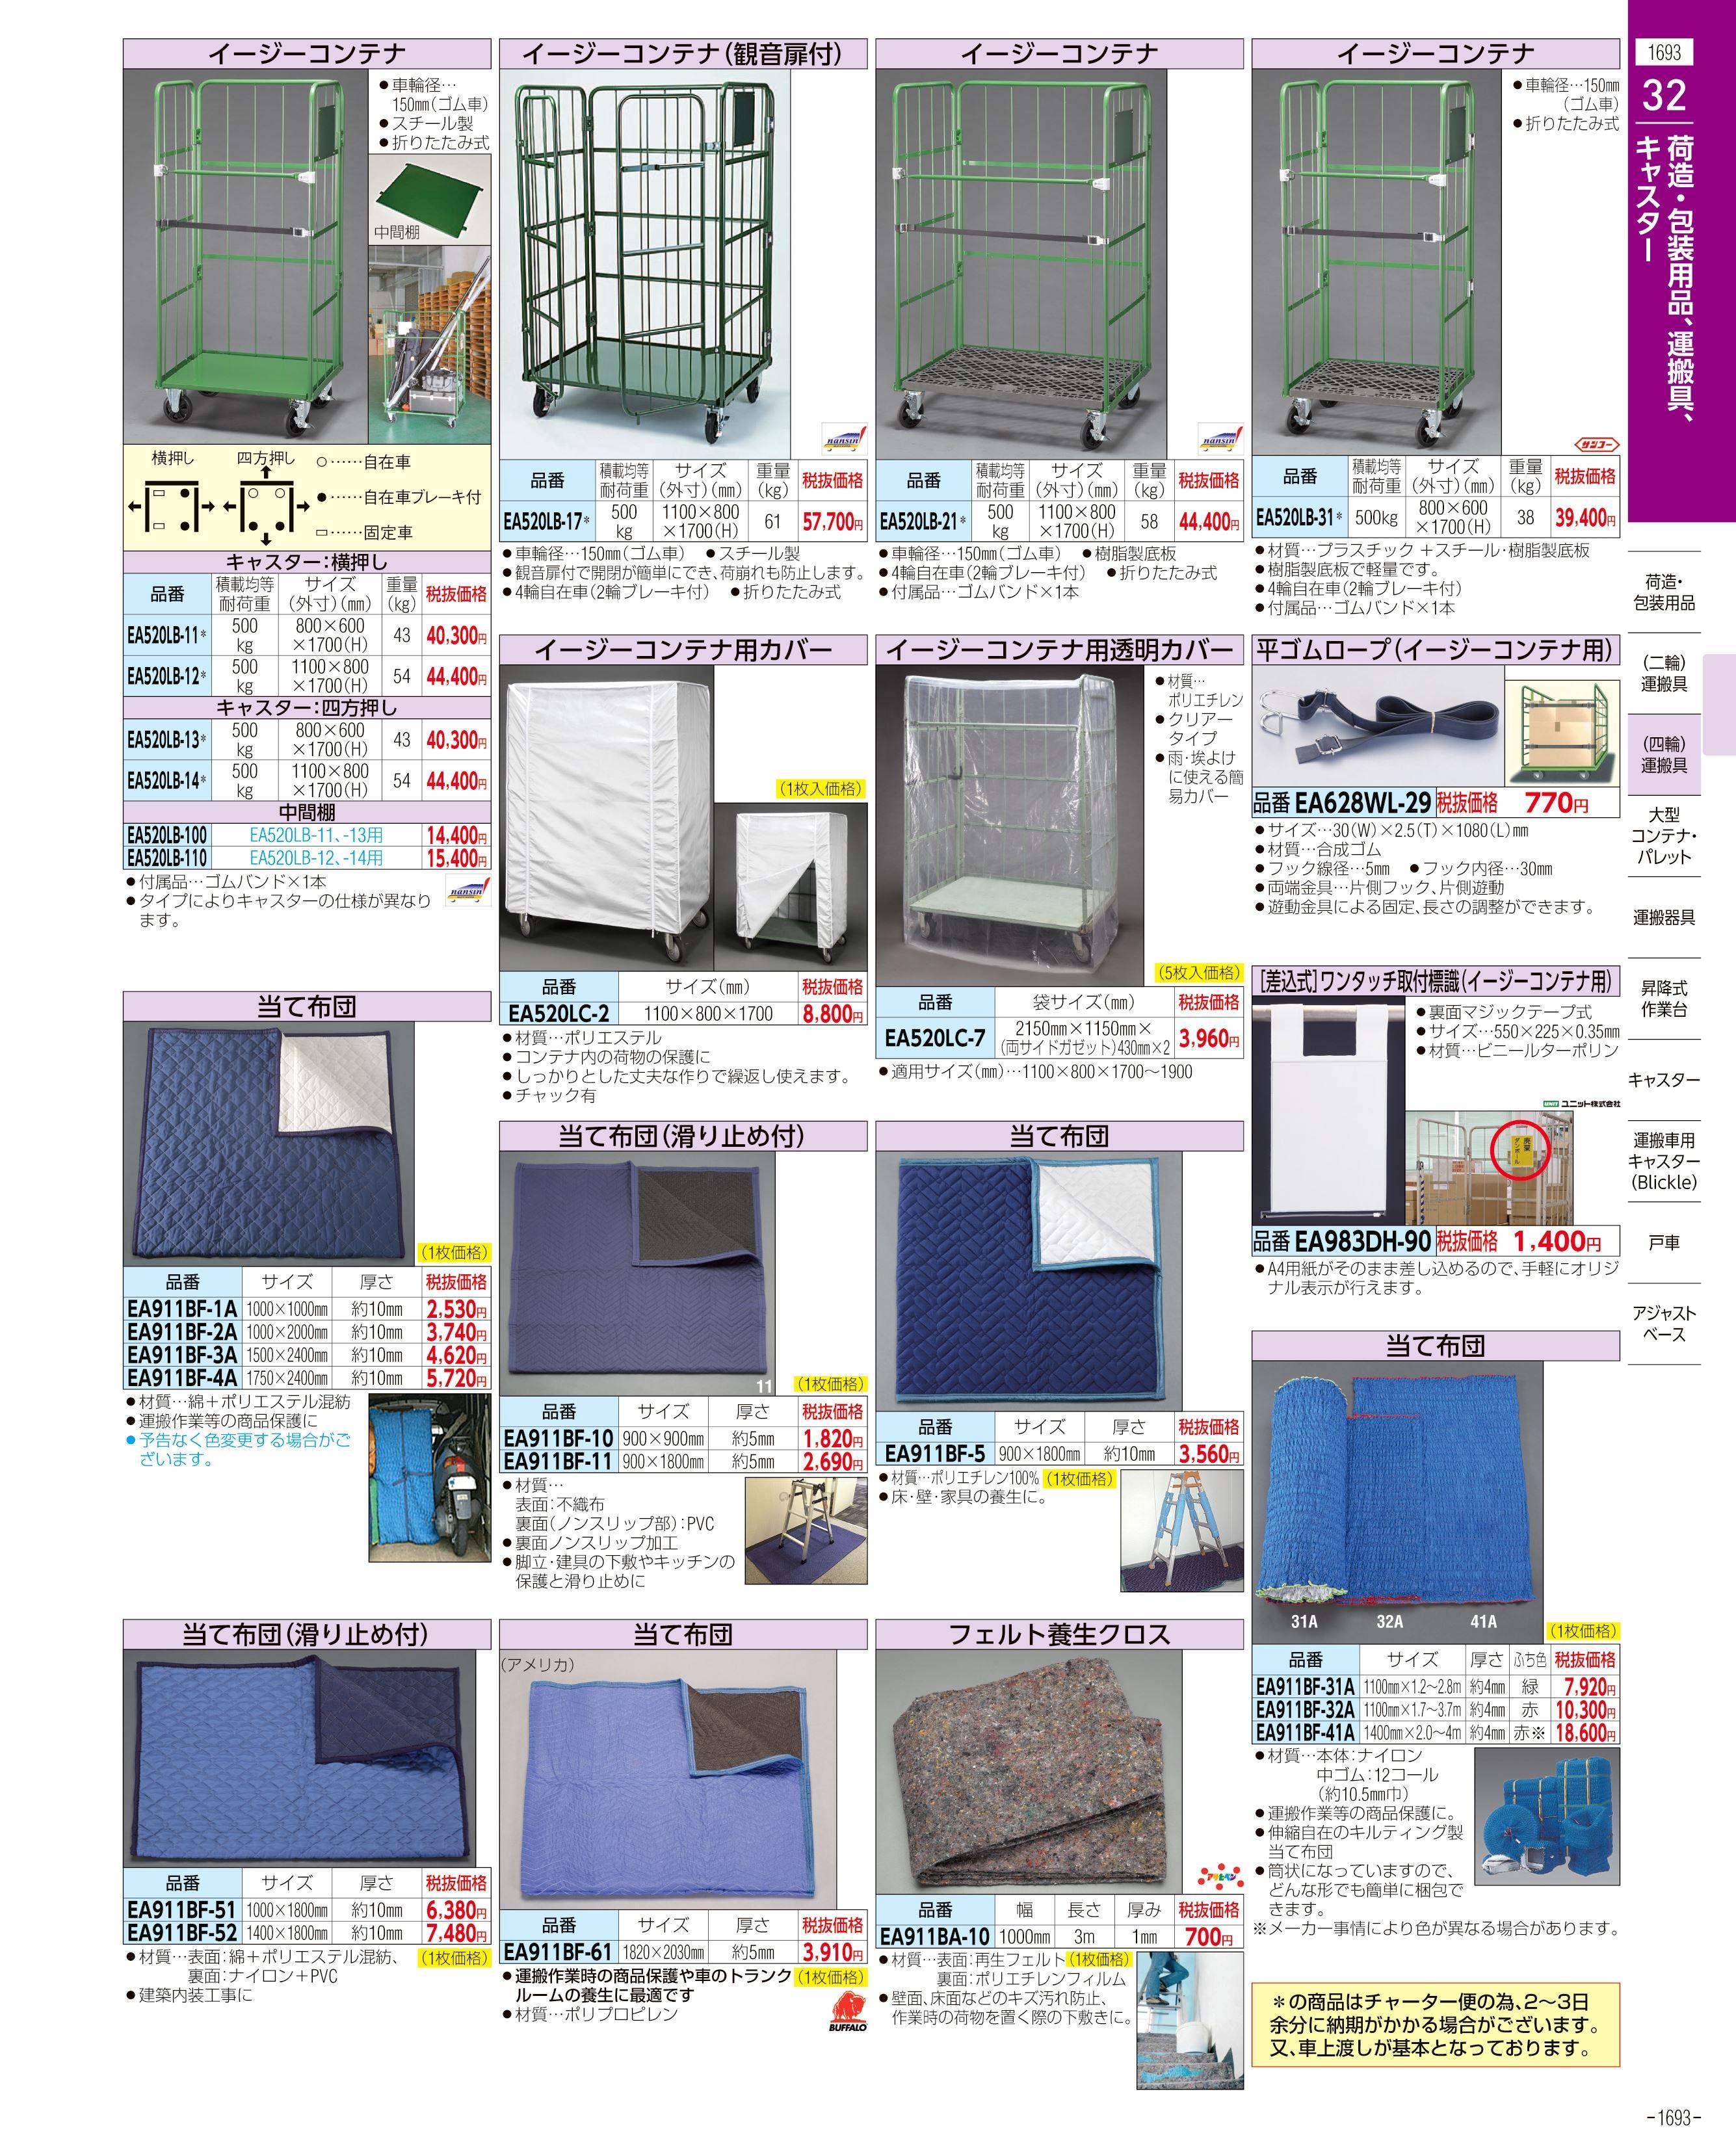 エスコ便利カタログ1693ページ